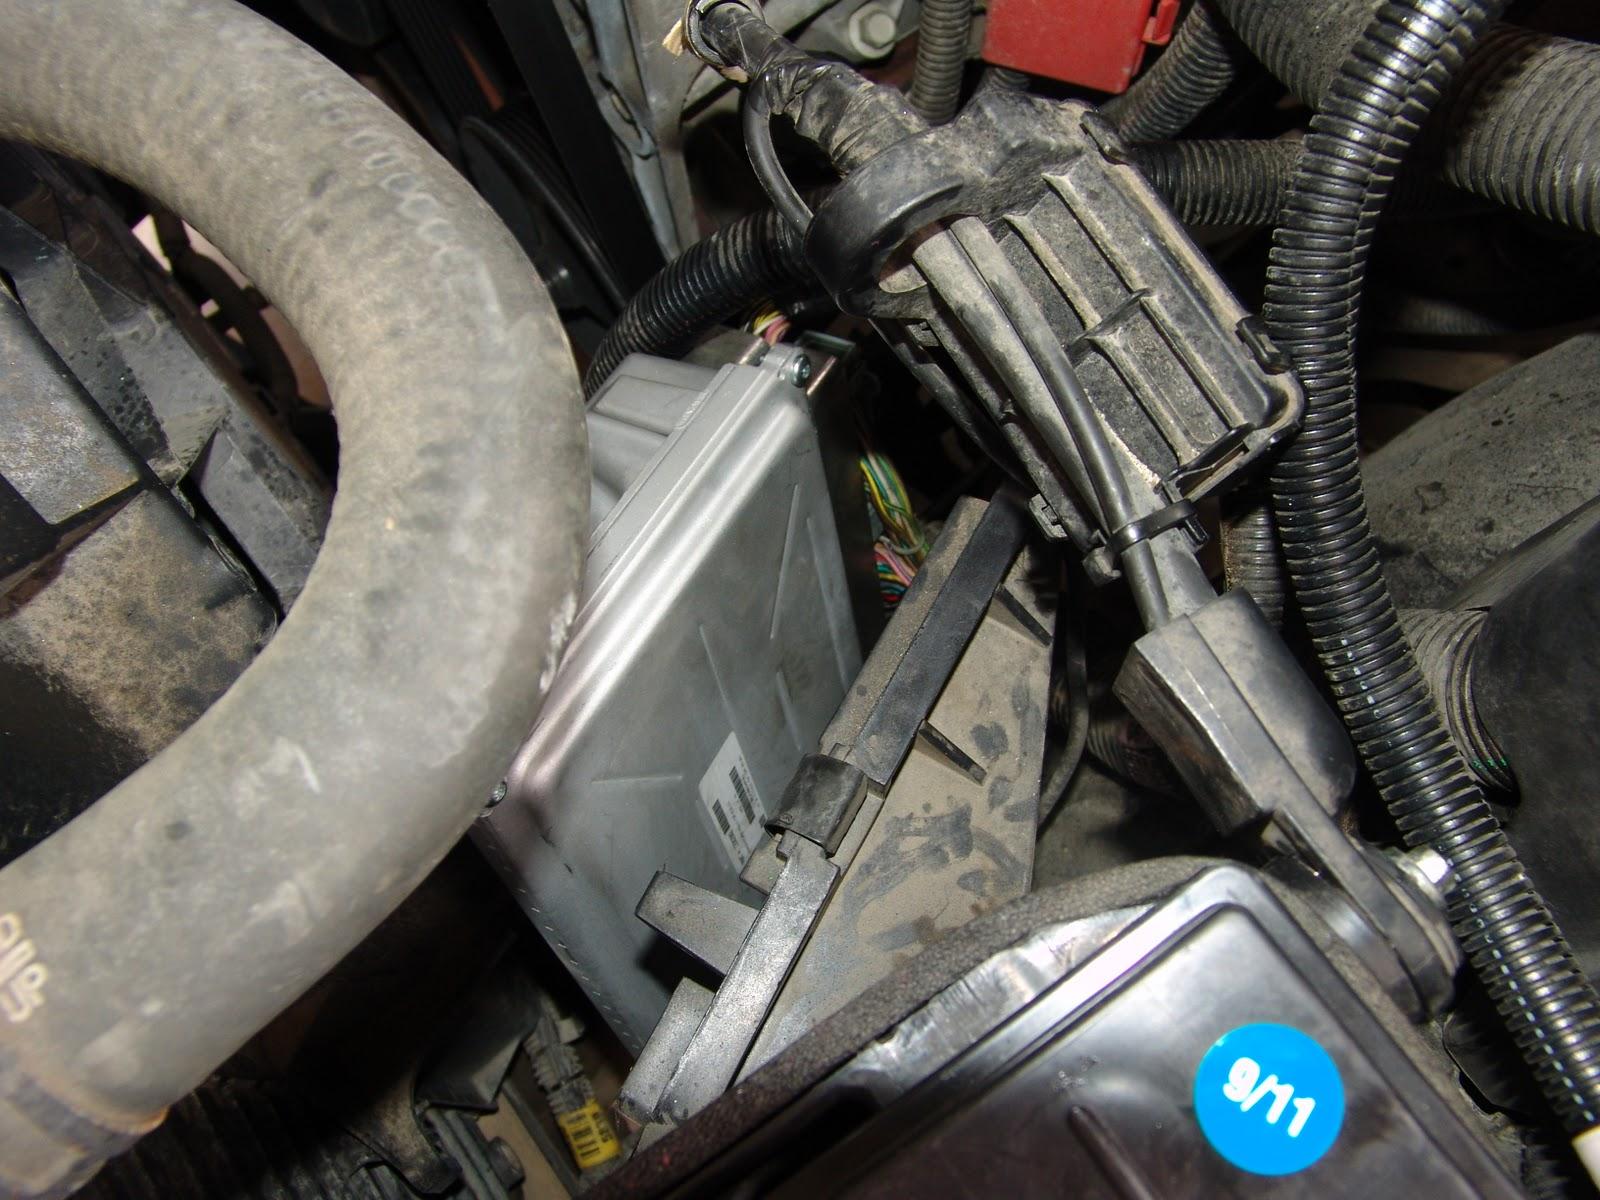 Honda Wiring Diagram further Suzuki GN 250 in addition 2003 Polaris Magnum 330 4x4 Parts Diagram besides Arctic Cat 400 Wiring Diagram besides Kawasaki Mule 610 Parts Diagram. on 1995 polaris 300 4x4 parts diagram